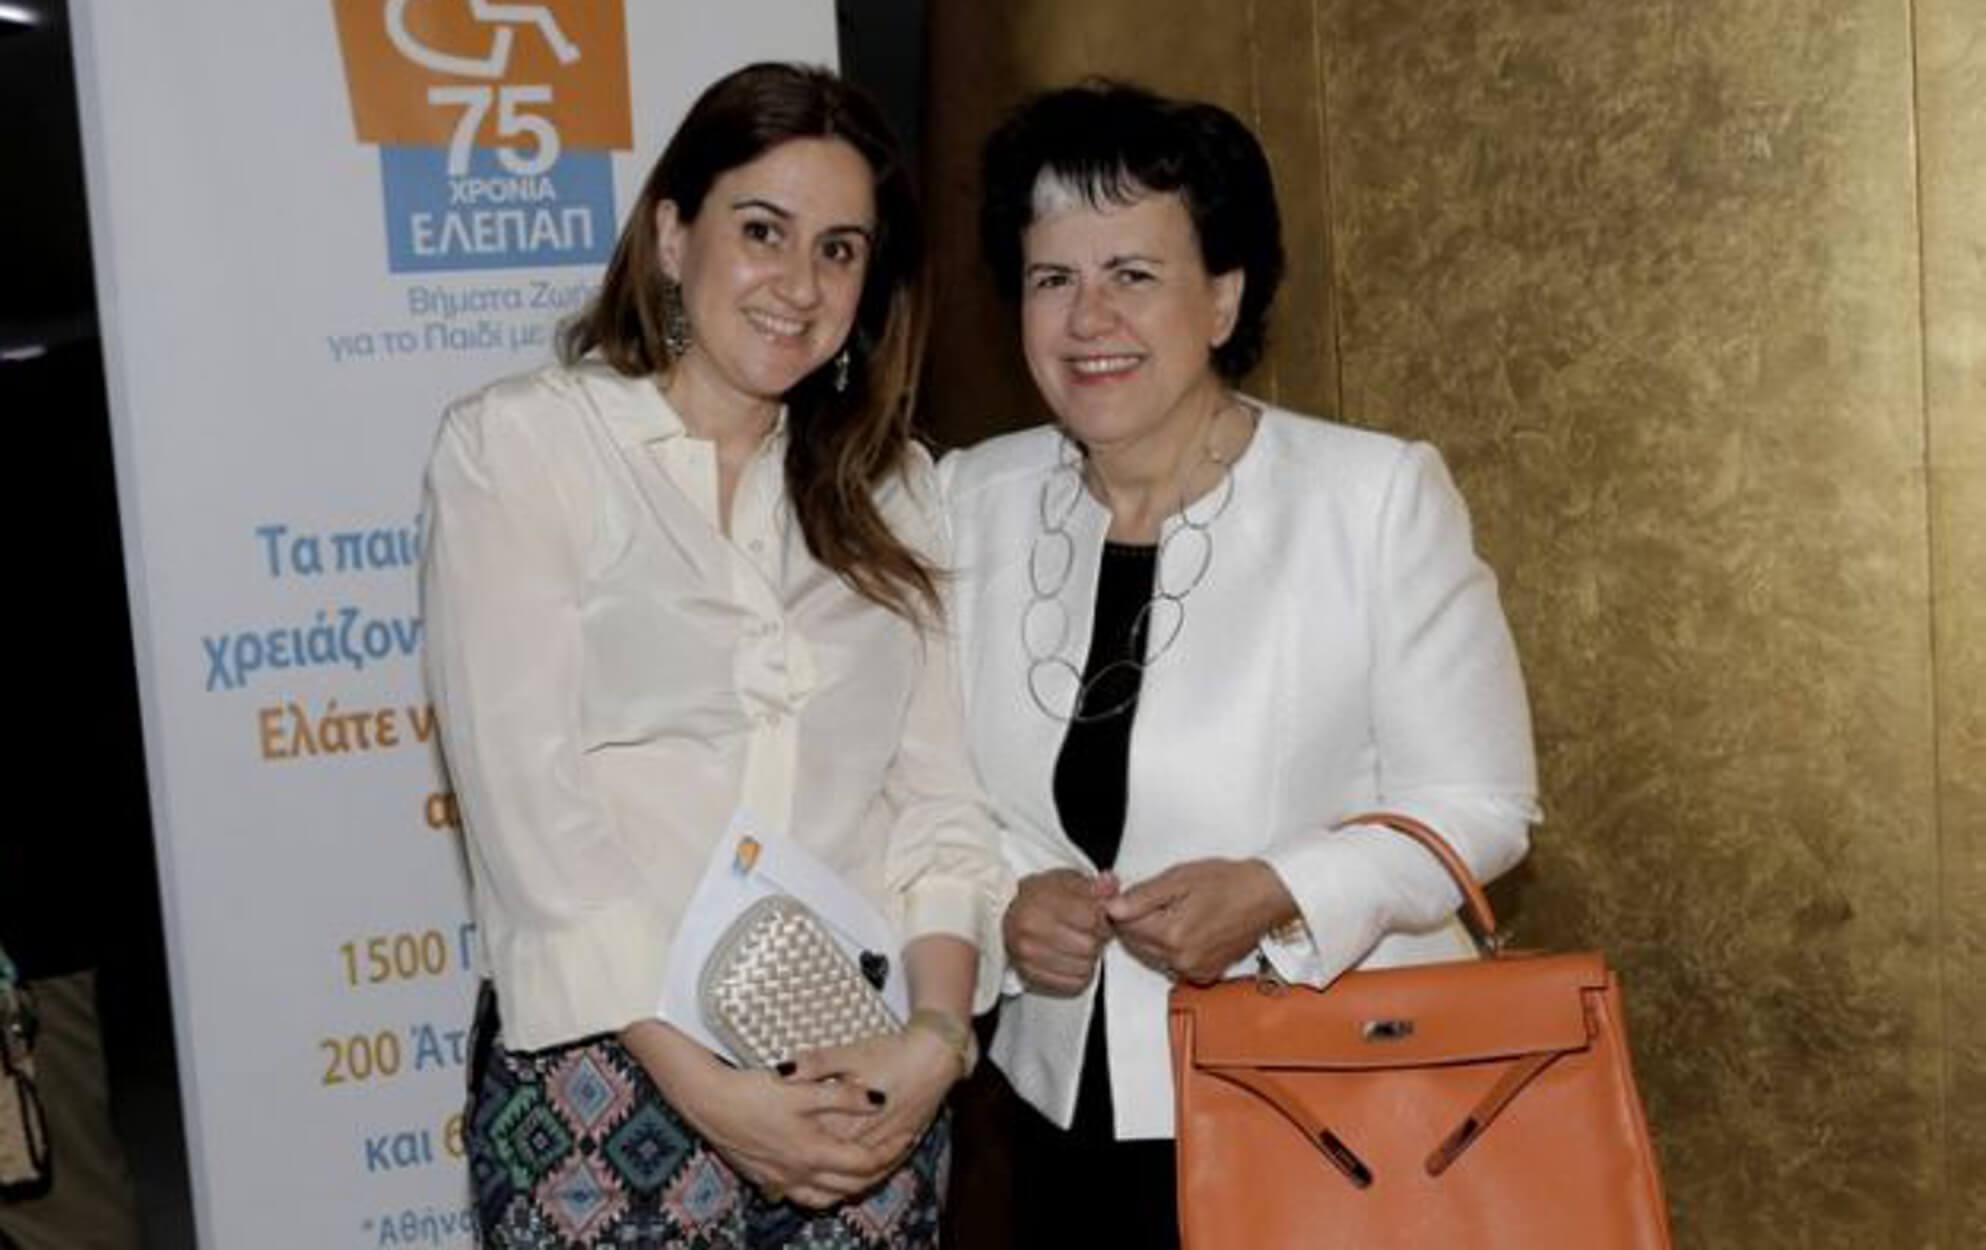 Στο ευρωψηφοδέλτιο της ΝΔ η κόρη της Άννας Παναγιωταρέα